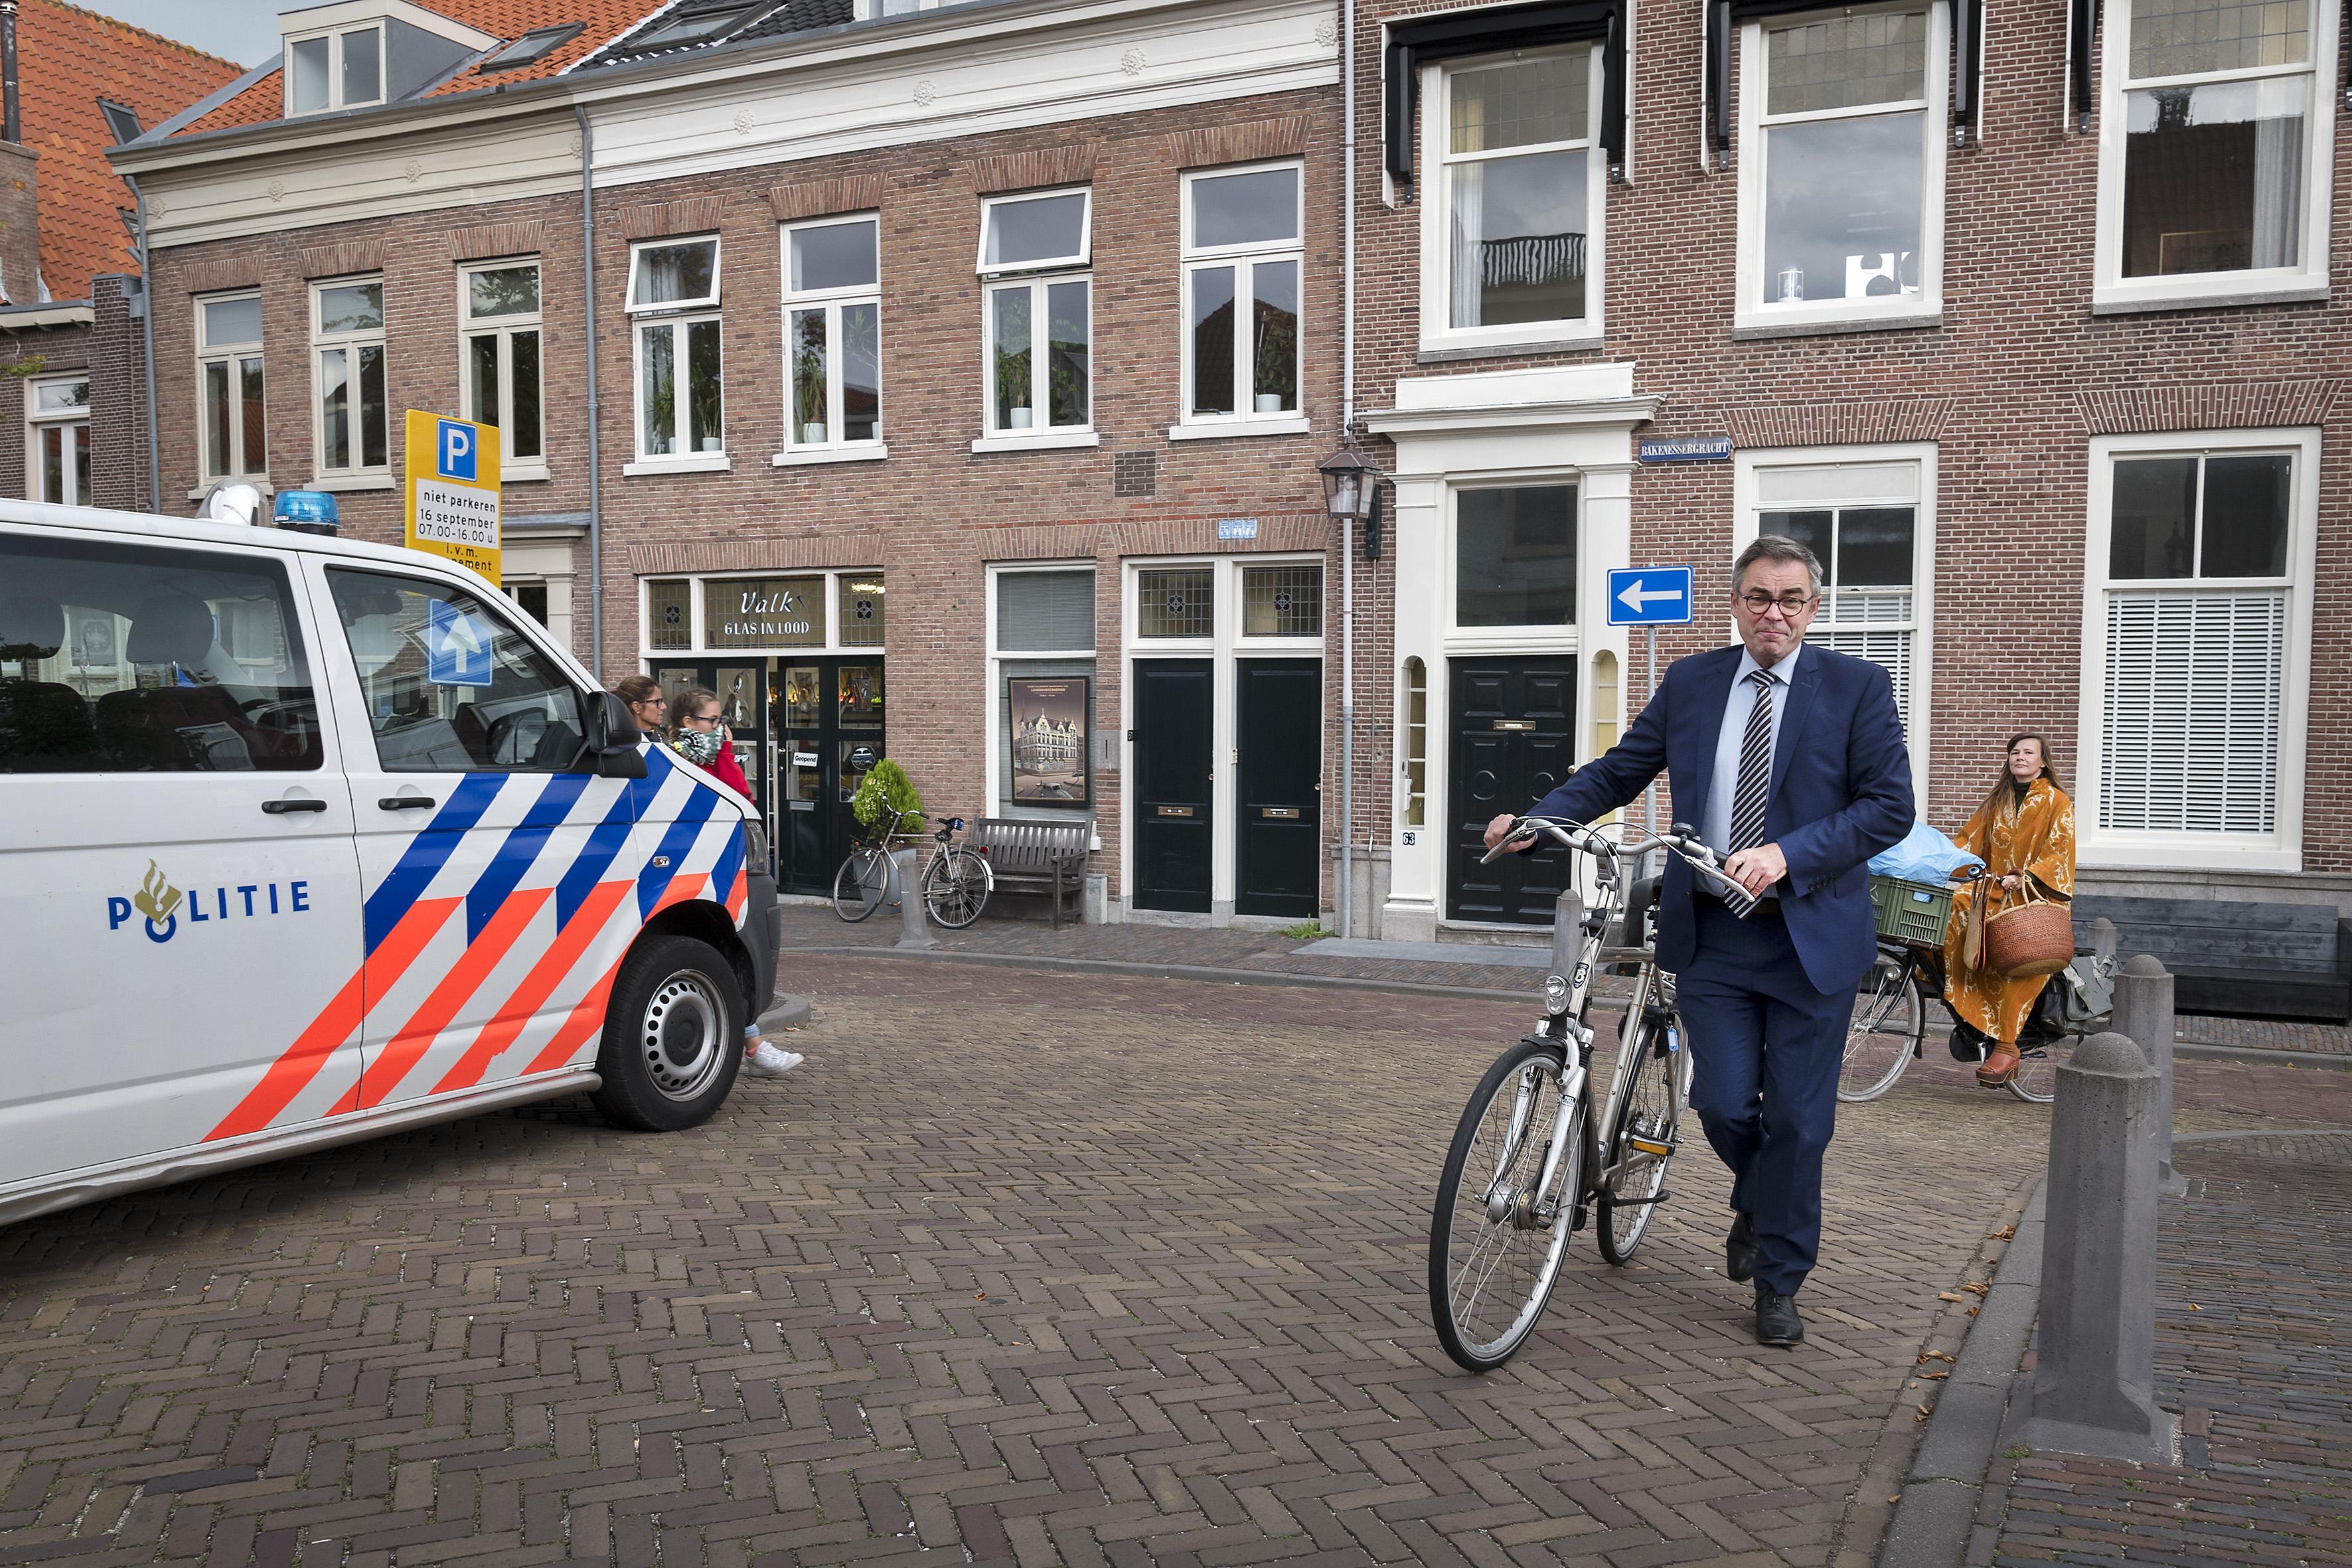 Huis burgemeester Haarlem bewaakt na bedreiging